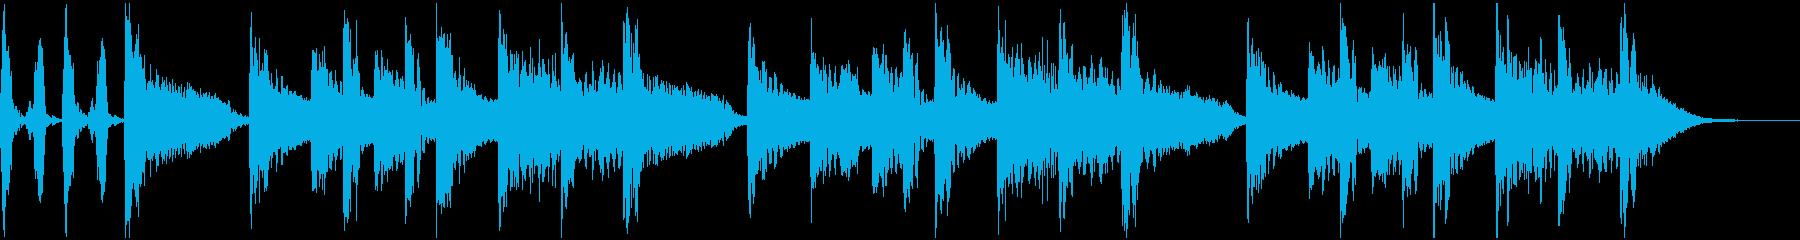 ラッパー、DJ風 サウンドロゴ、ジングルの再生済みの波形